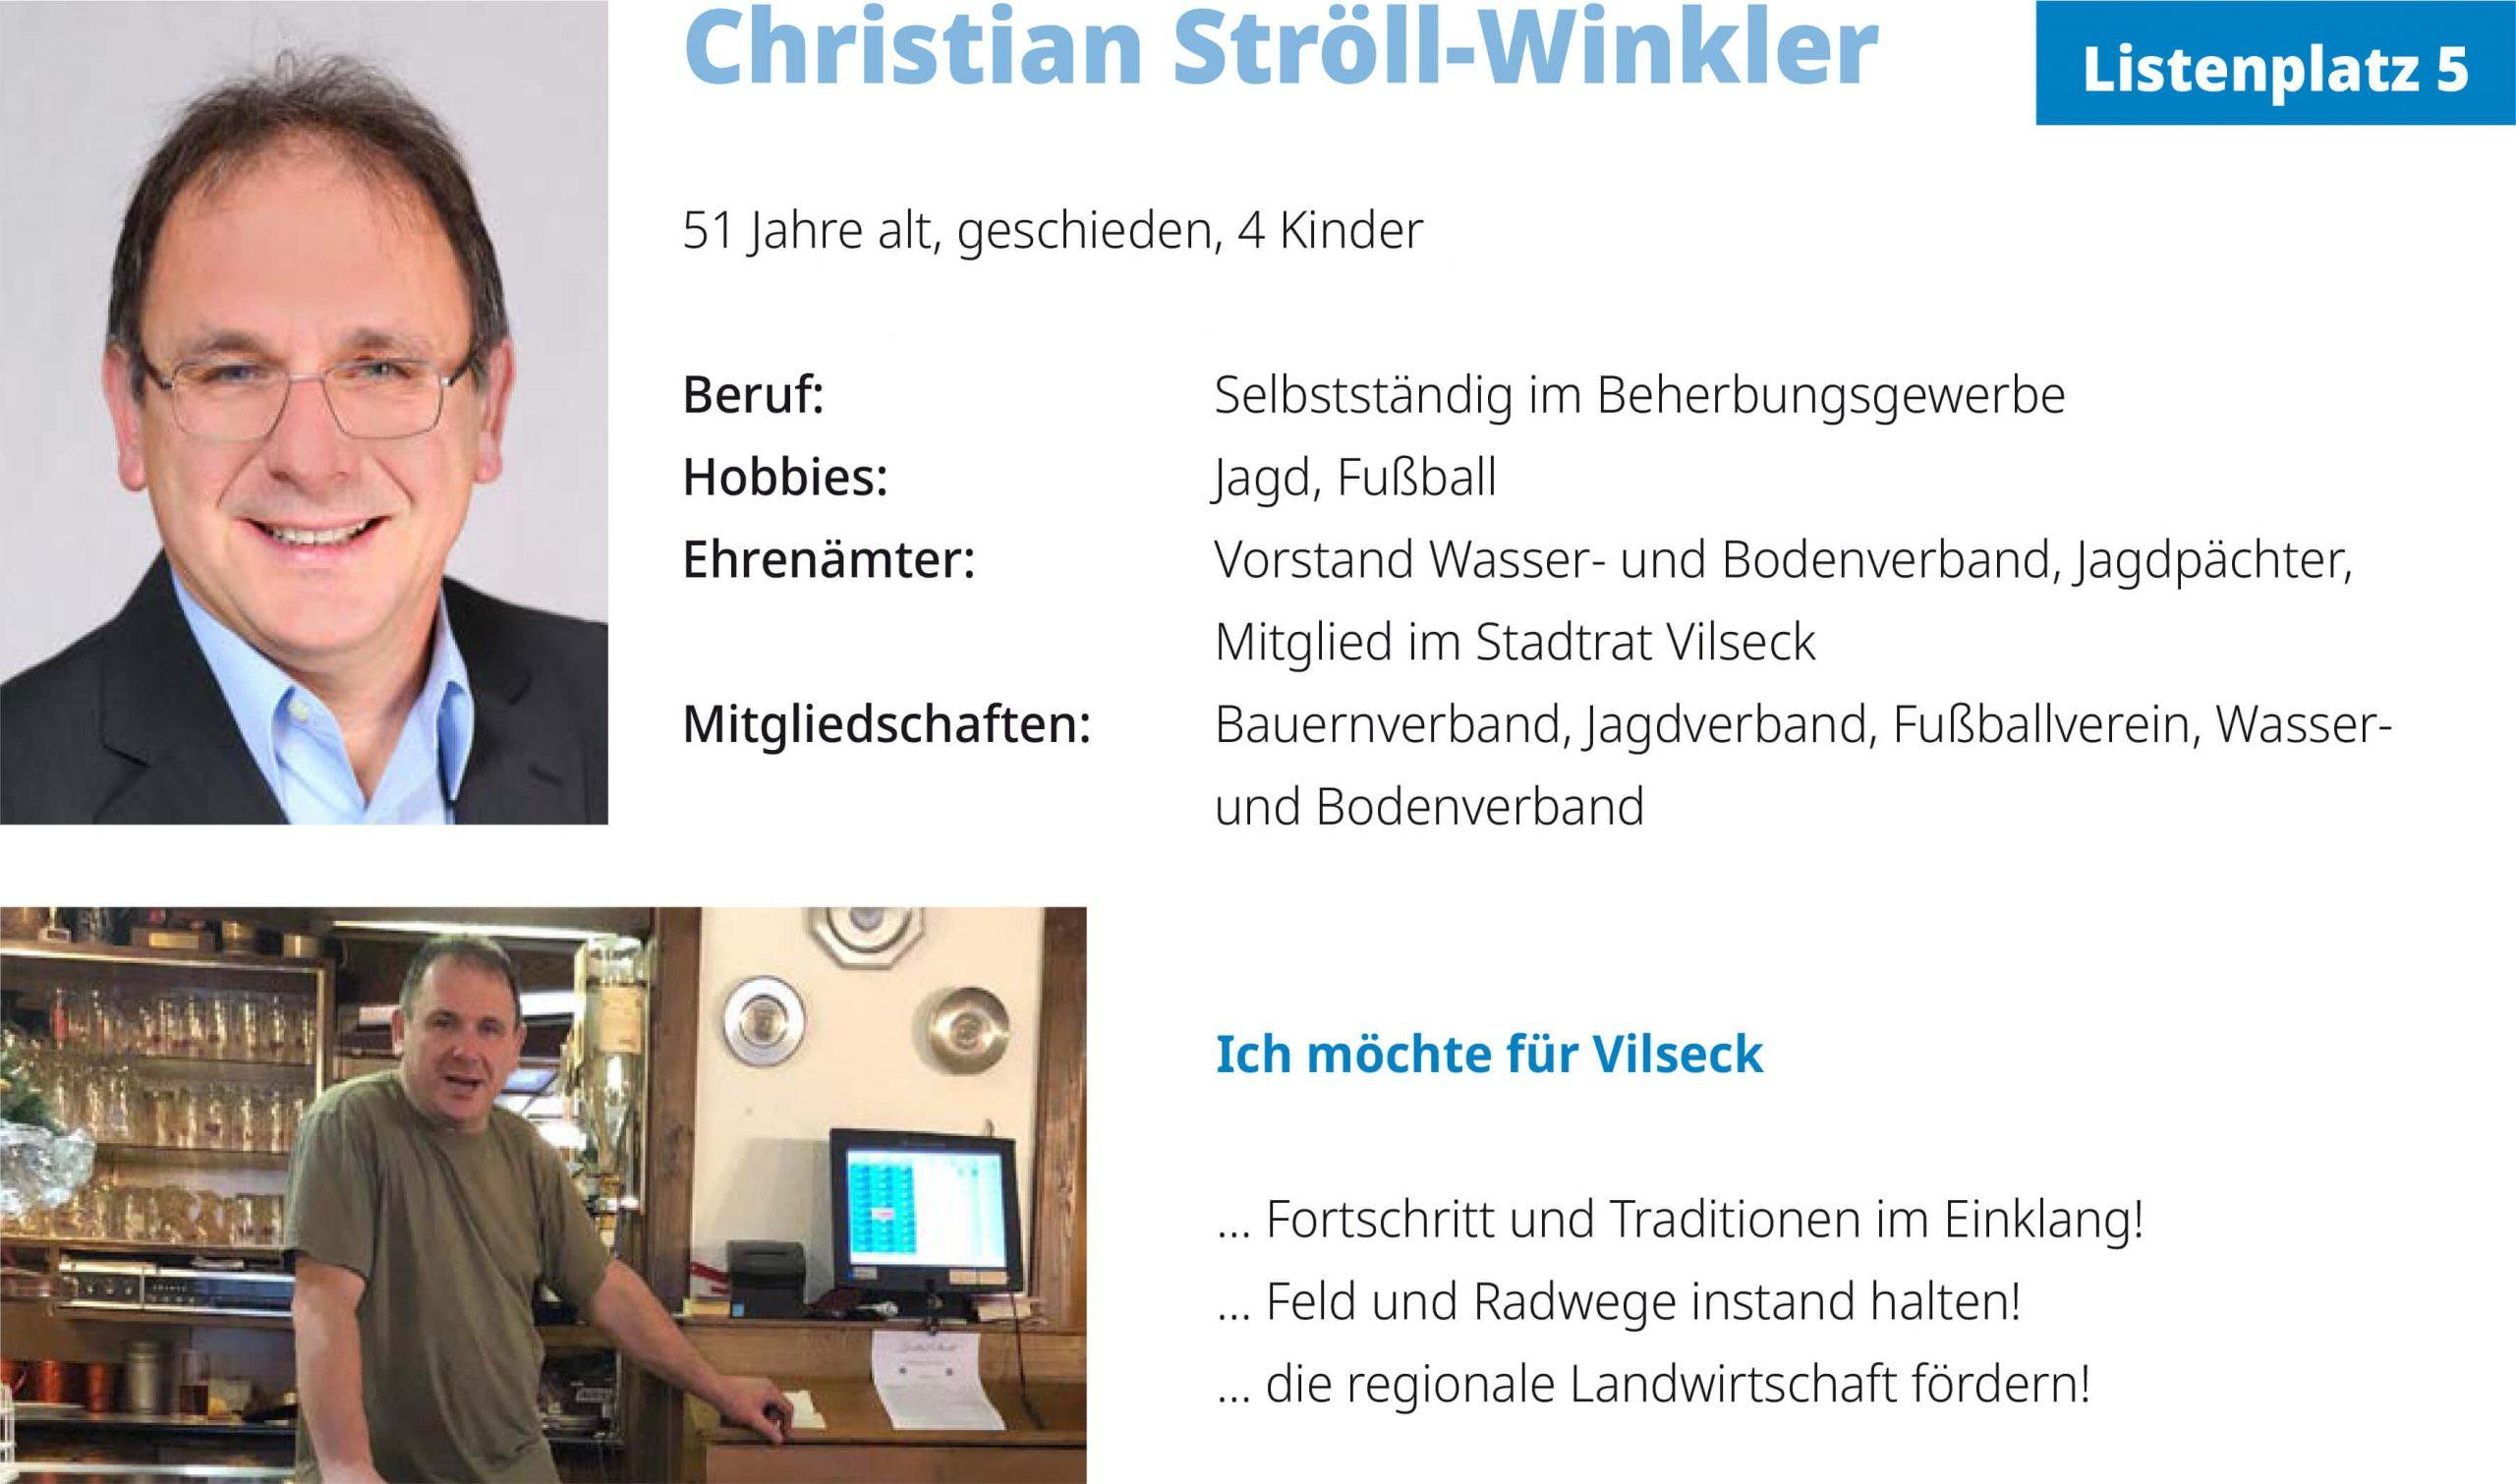 Christian Ströll-Winkler